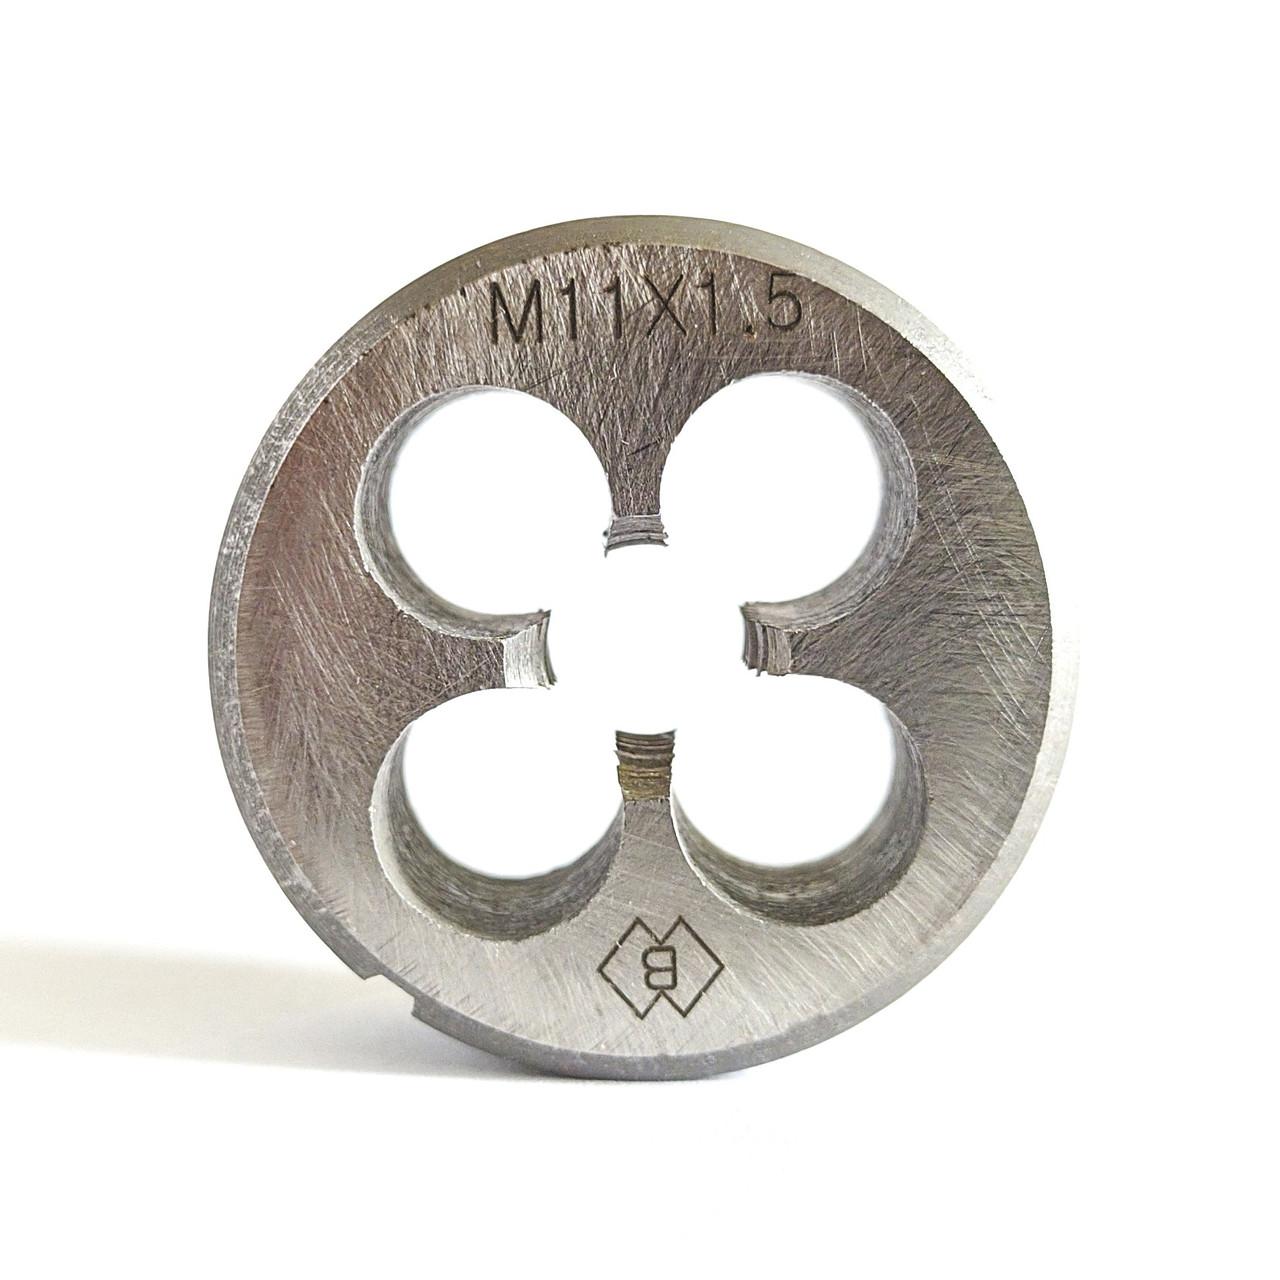 Плашка метрическая м8 х 0,75